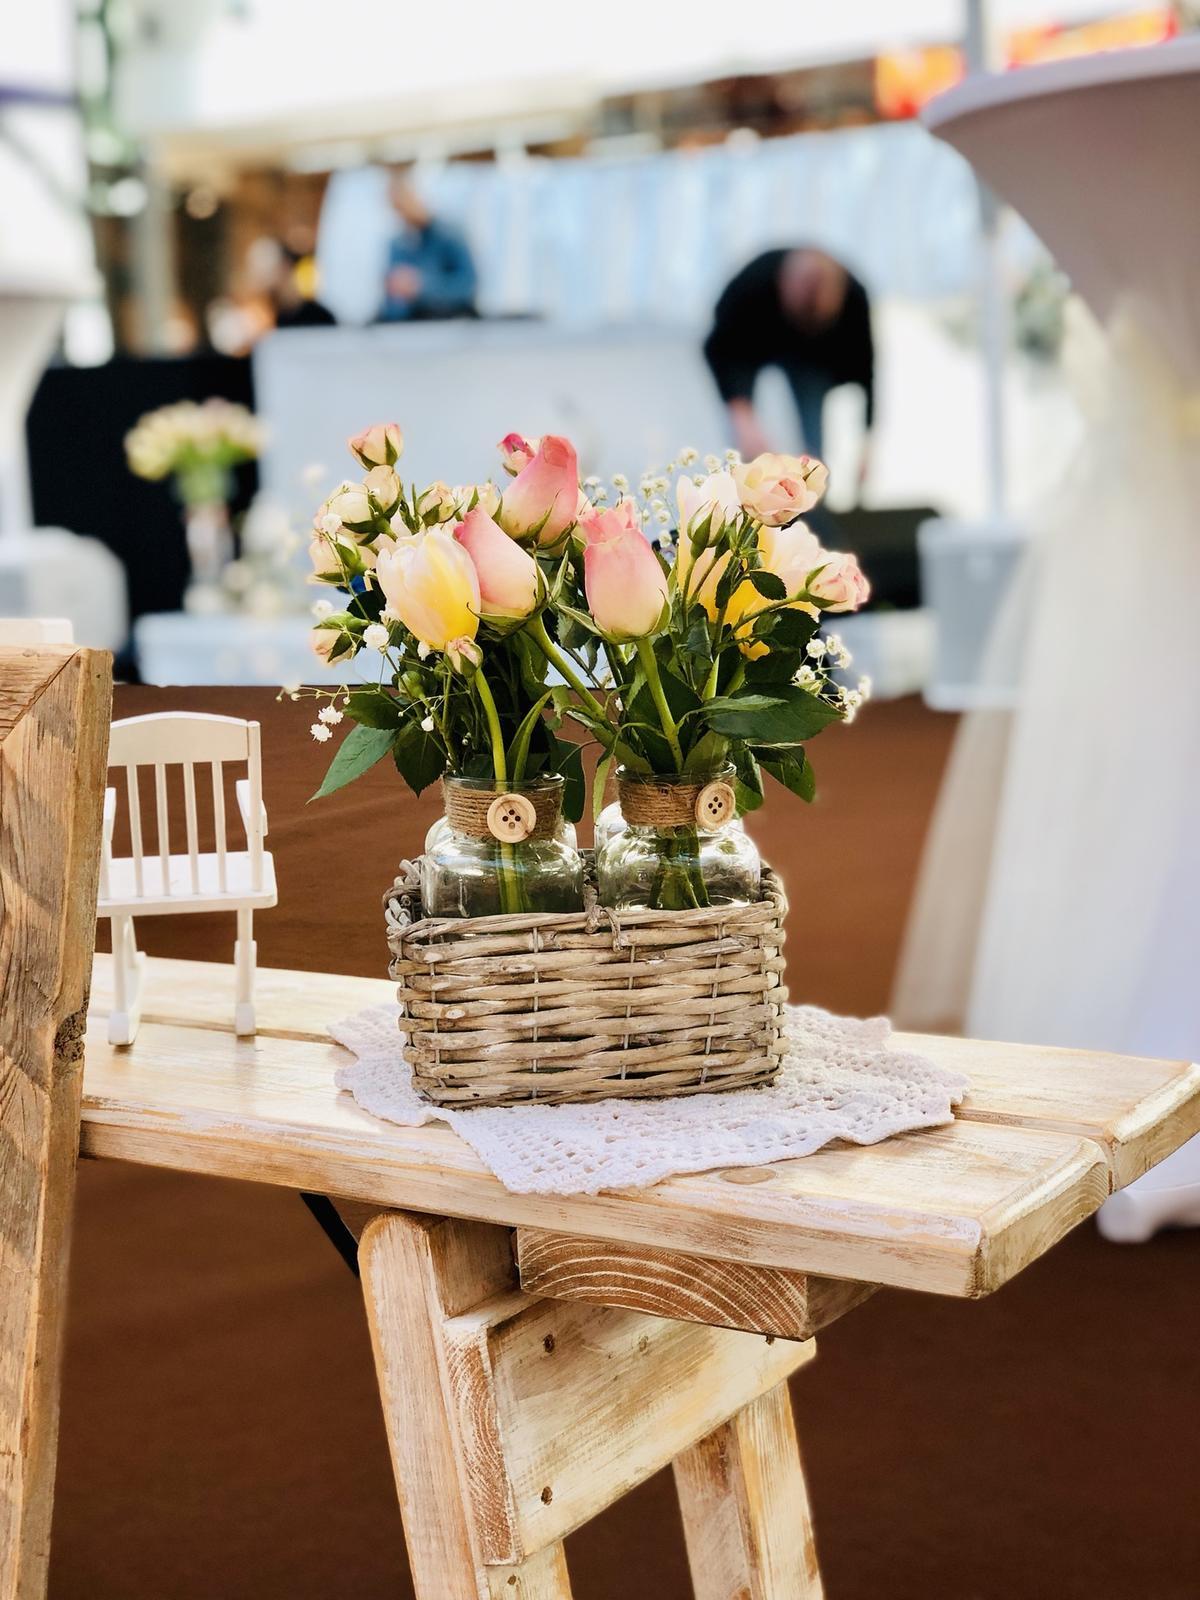 Půjčovna: stolů, lavic, židlí, ubrusů, potahů a dekorací - Obrázek č. 101